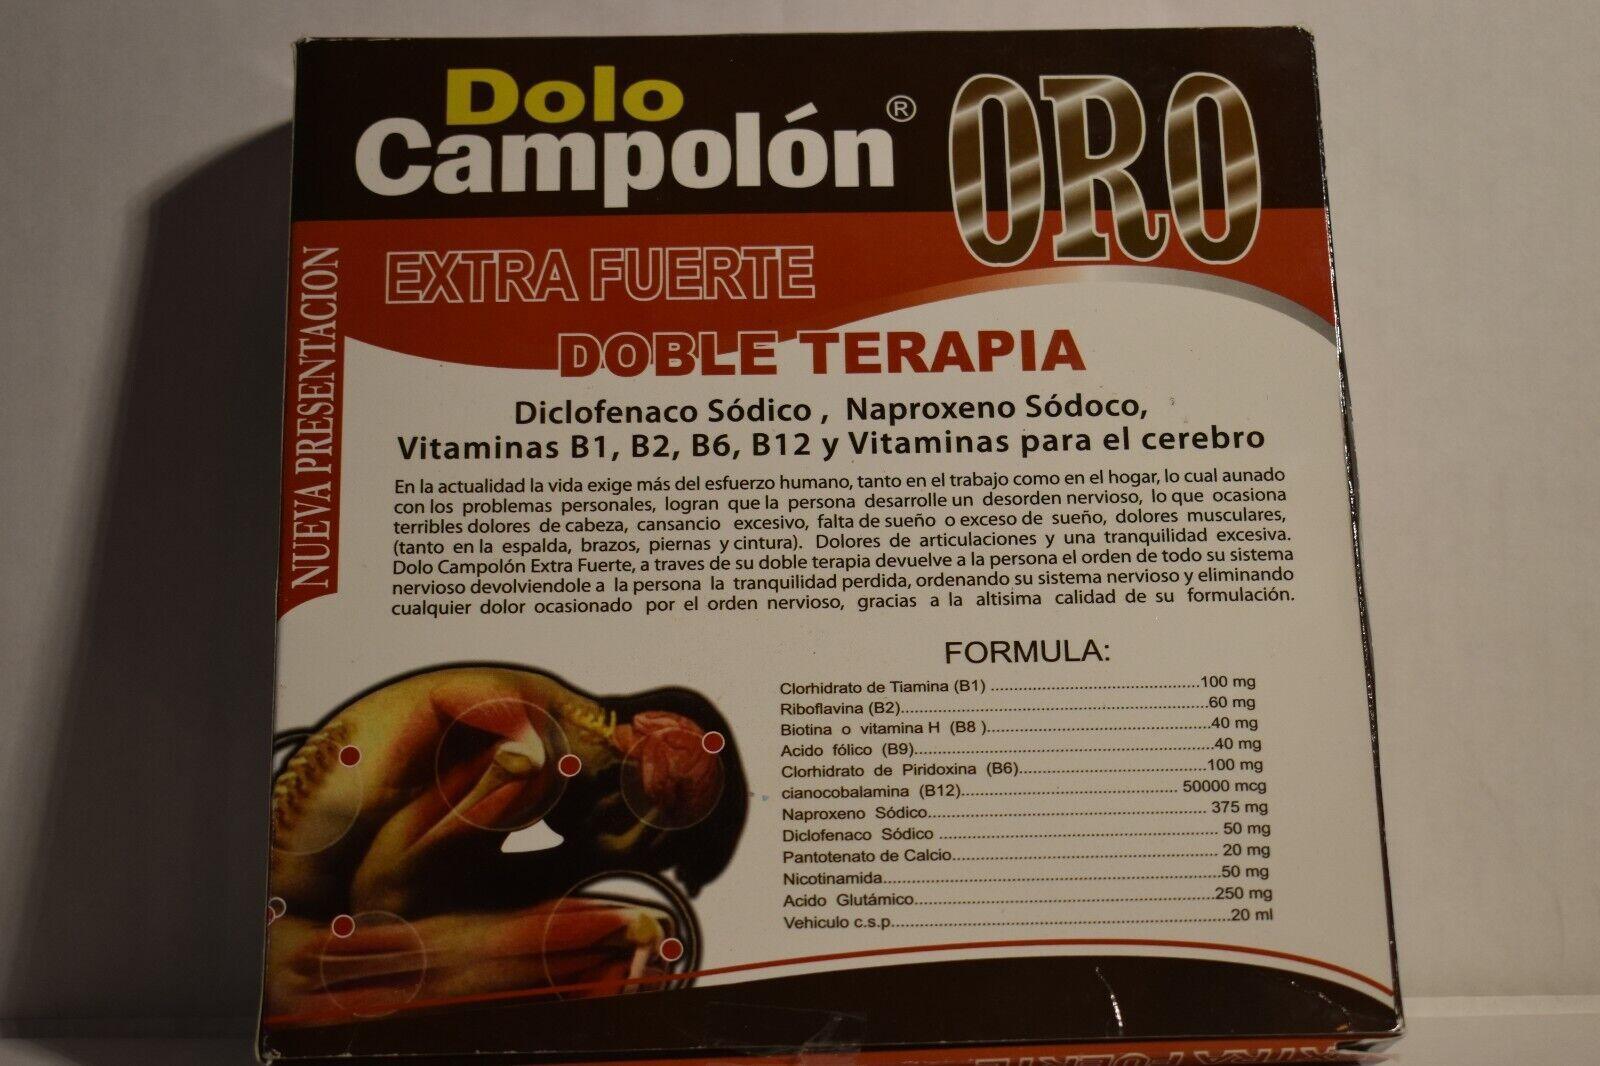 Dolo Campolon ORO (Elimina los dolores Musculares) 10 Ampolletas de 20ml Chica